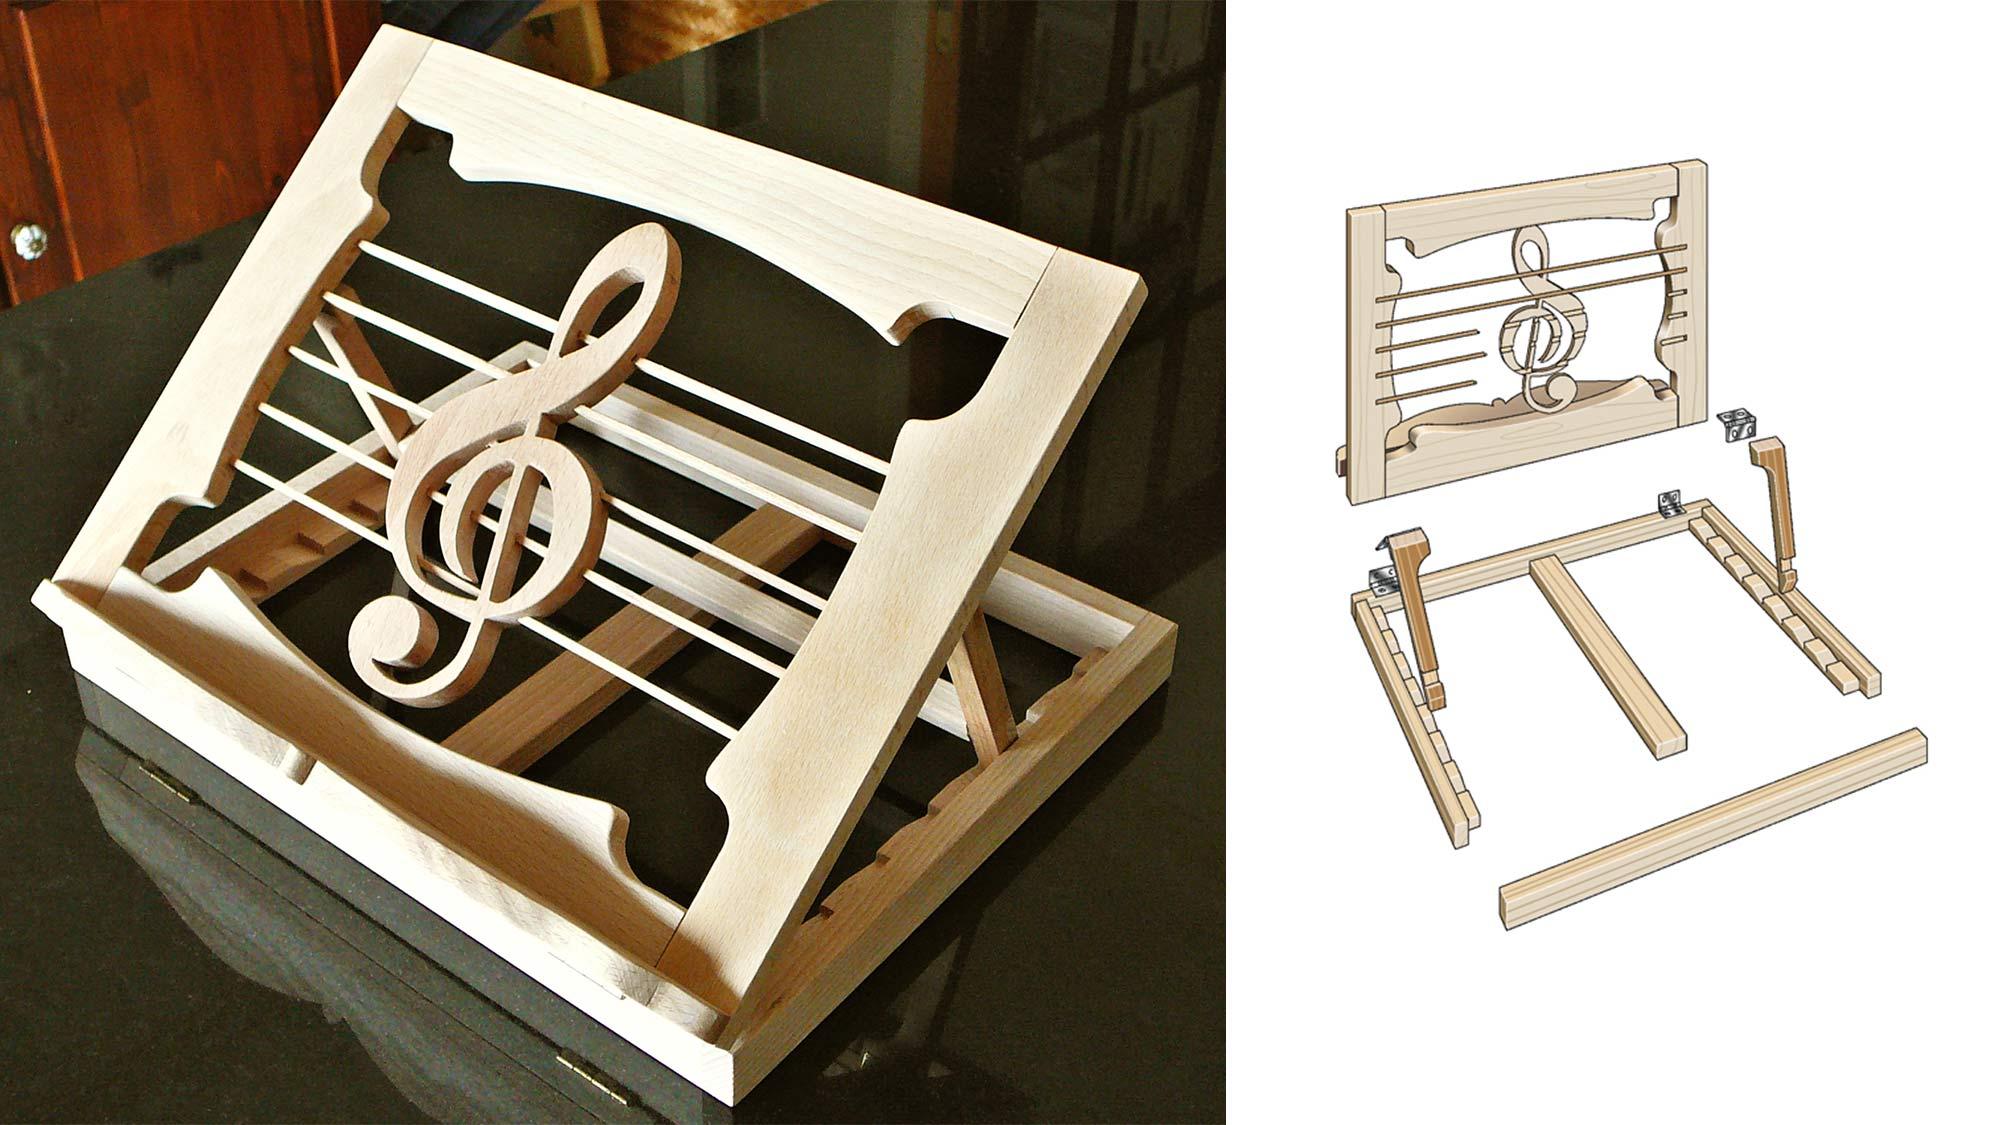 Leggio da tavolo fai da te | Ecco come costruirlo in legno